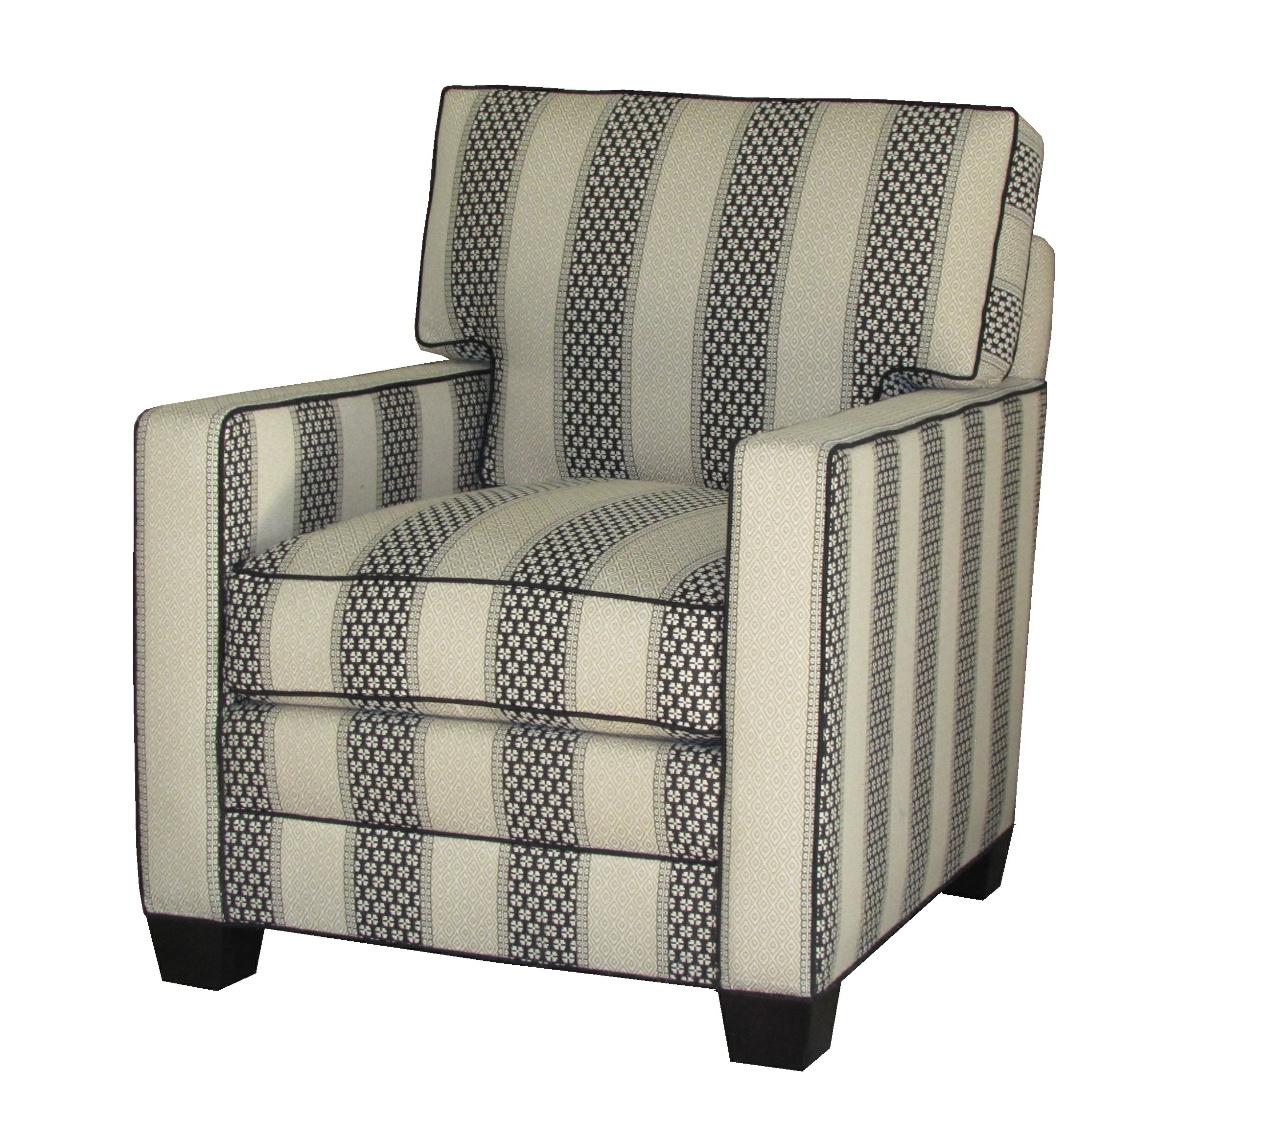 529 Lounge chair